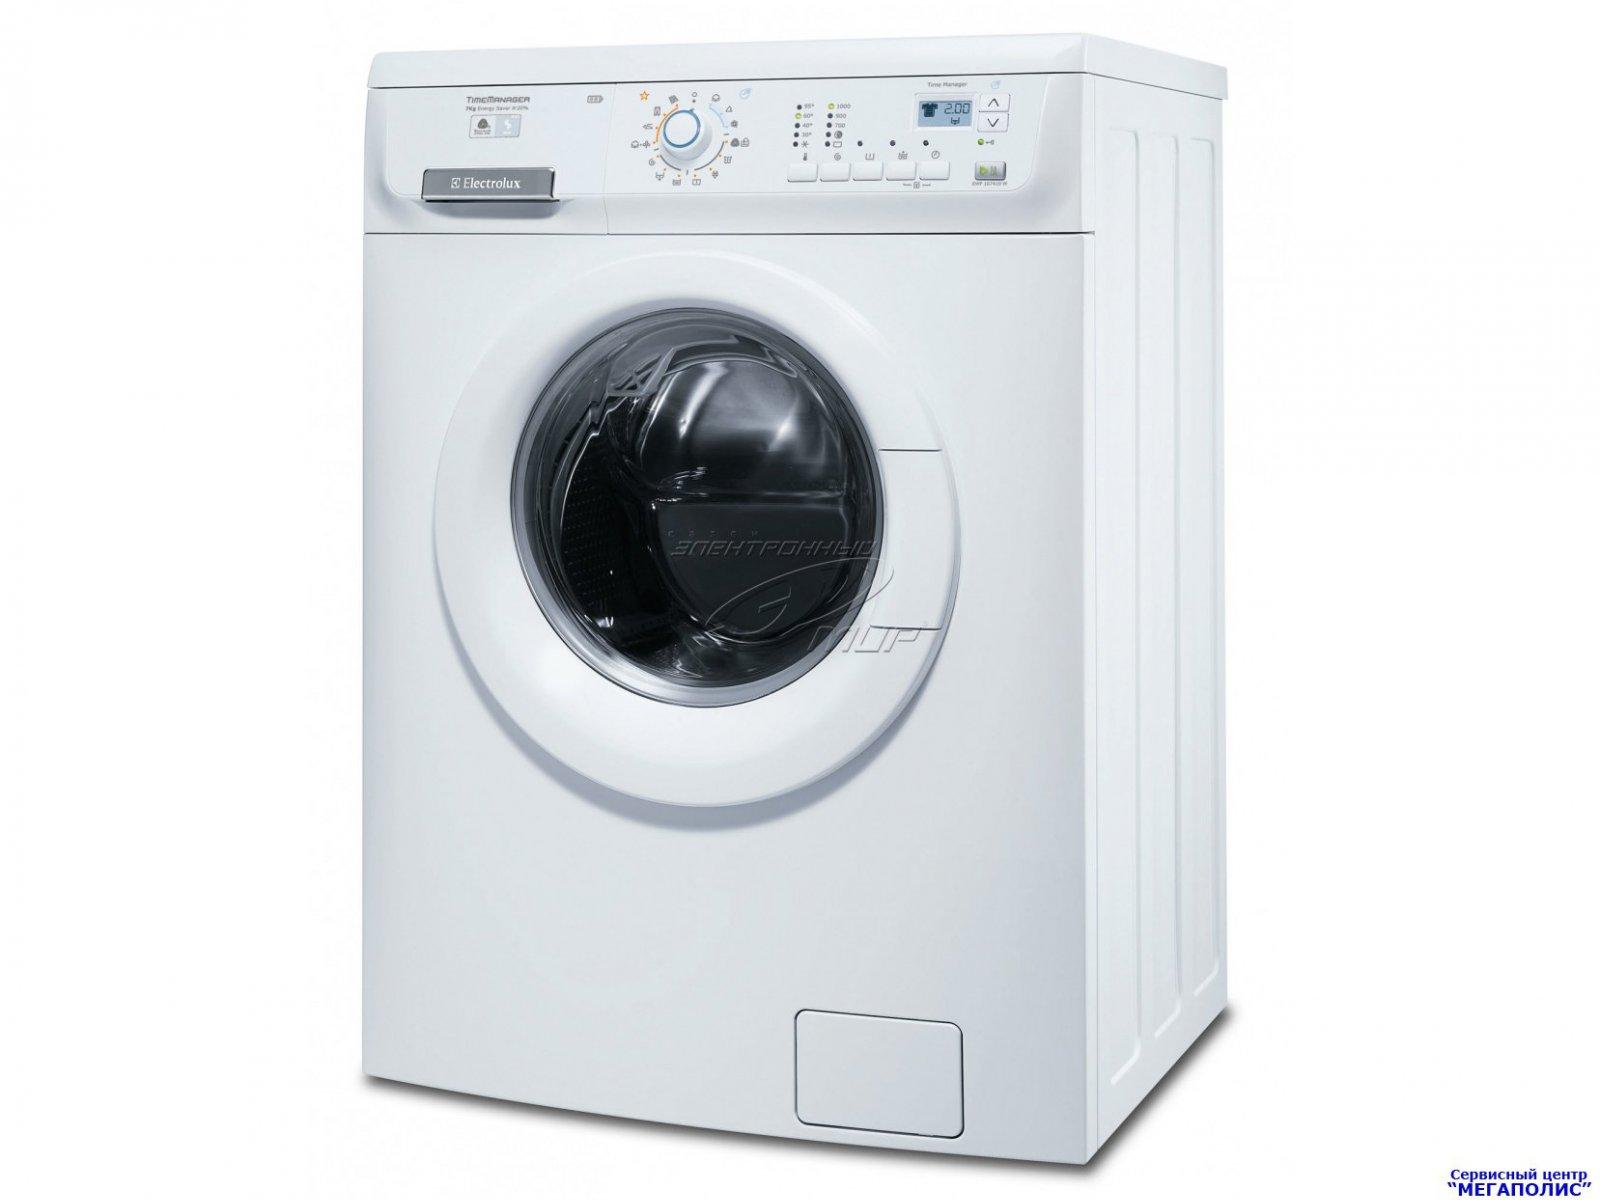 Ремонт своими руками стиральных машин электролюкс ews